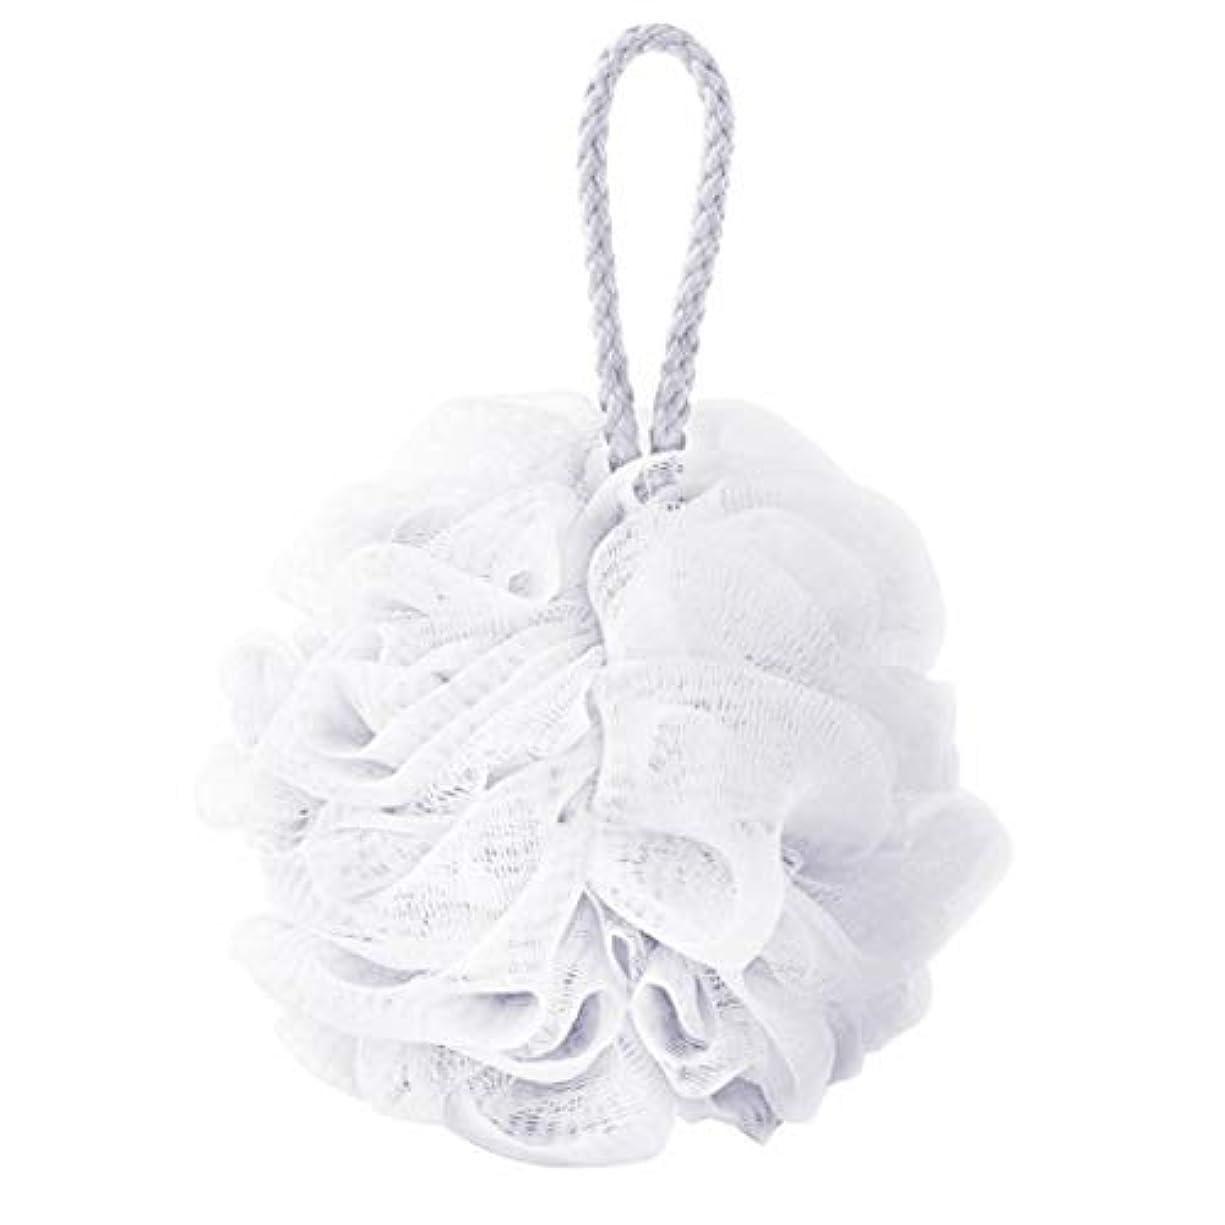 福祉表現ヒゲcomentrisyzソフトシャワー入浴ボールブラシ泡泡ネットボディスクラブ洗浄ツール - ホワイト